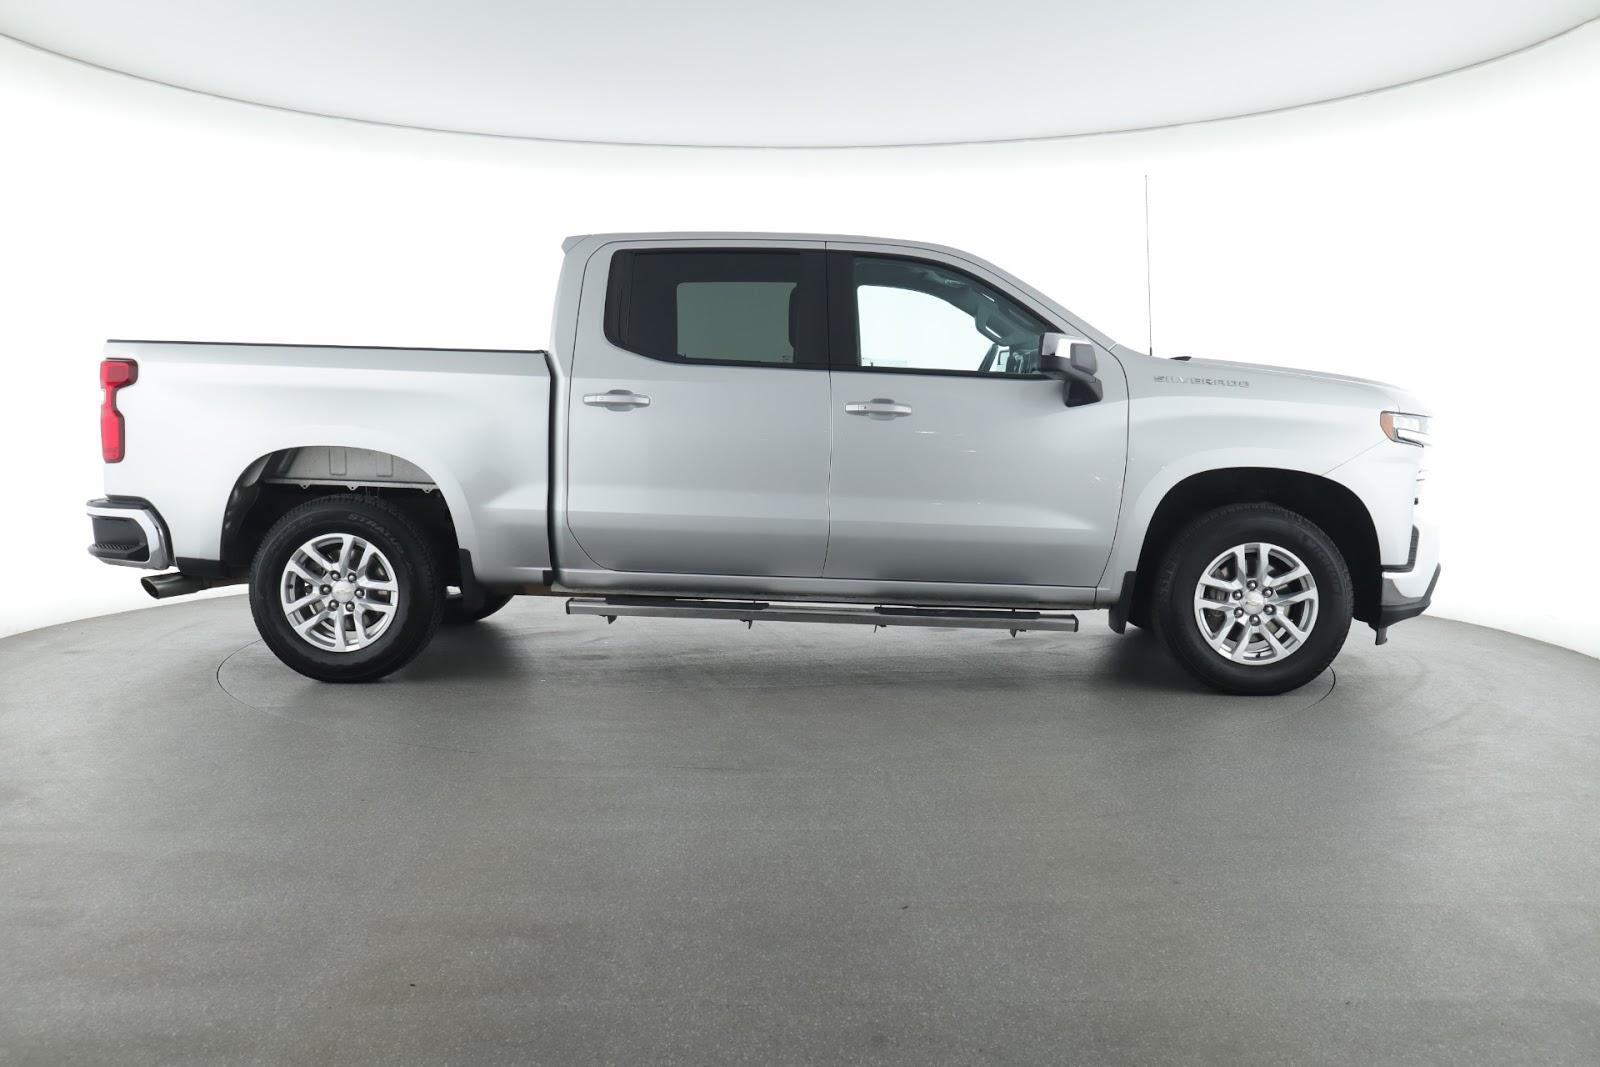 2019 Chevrolet Silverado 1500 LT (from $39,950)